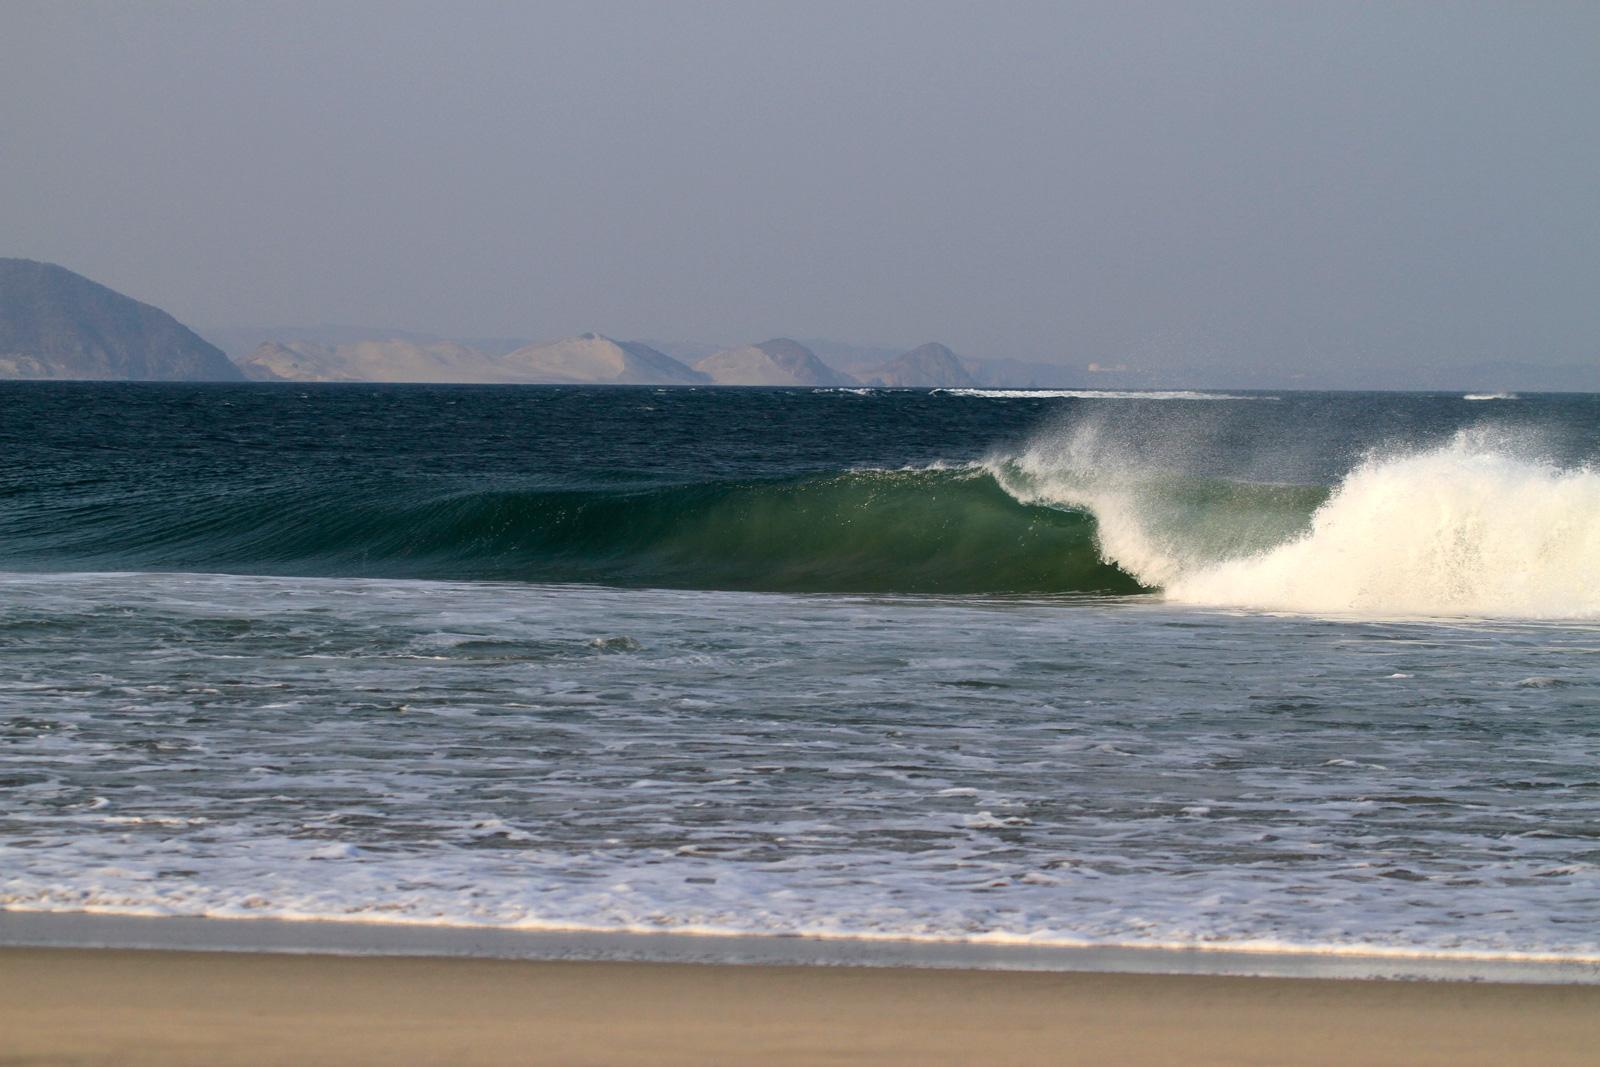 las_palmeras_surf_camp_june-04-1